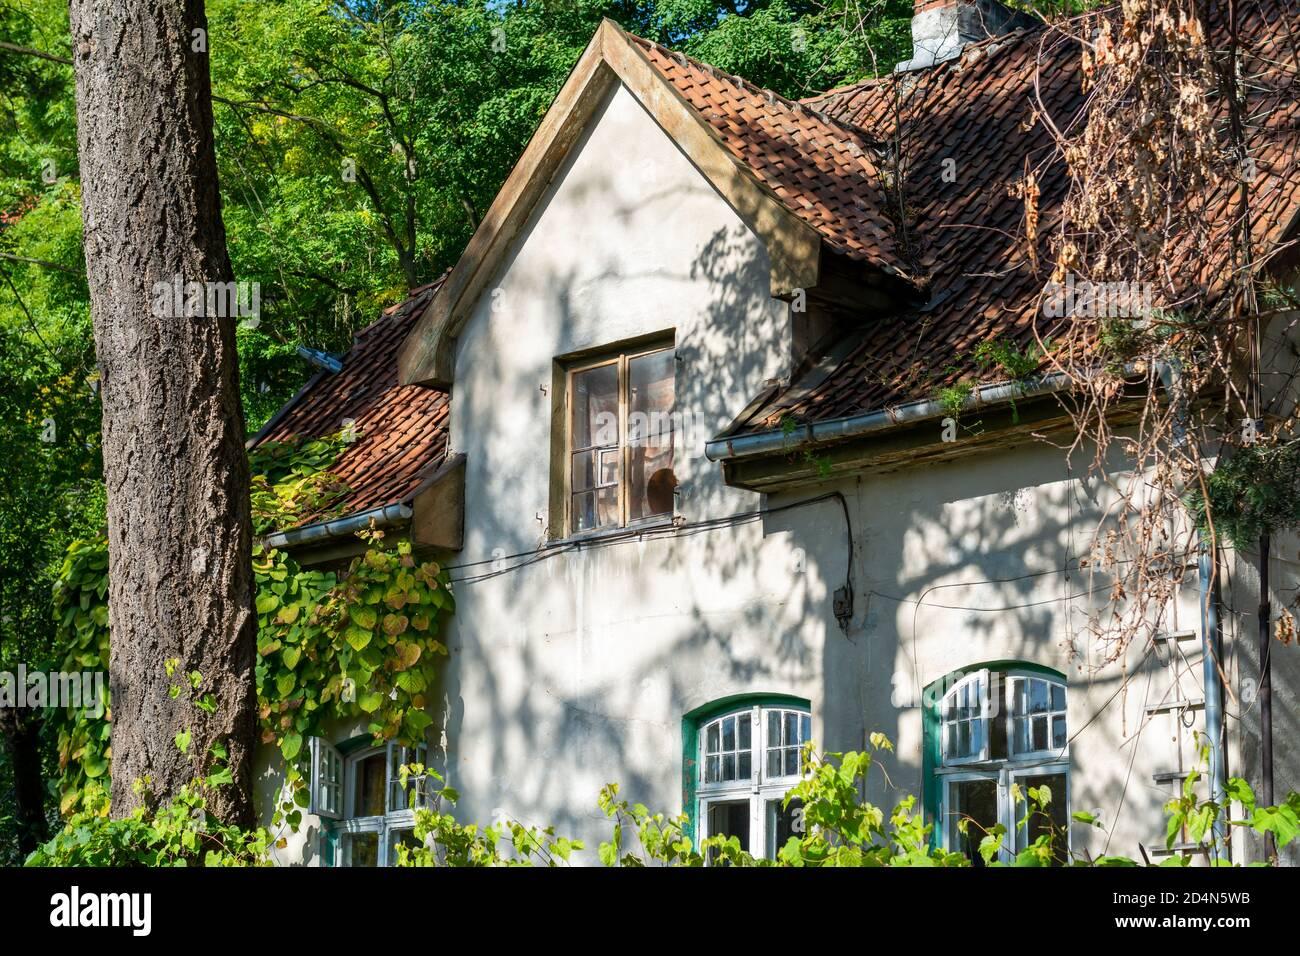 casa del siglo xix con techo de baldosas. Detalles de la fachada frontal, hermosa casa antigua en el bosque. Foto de stock